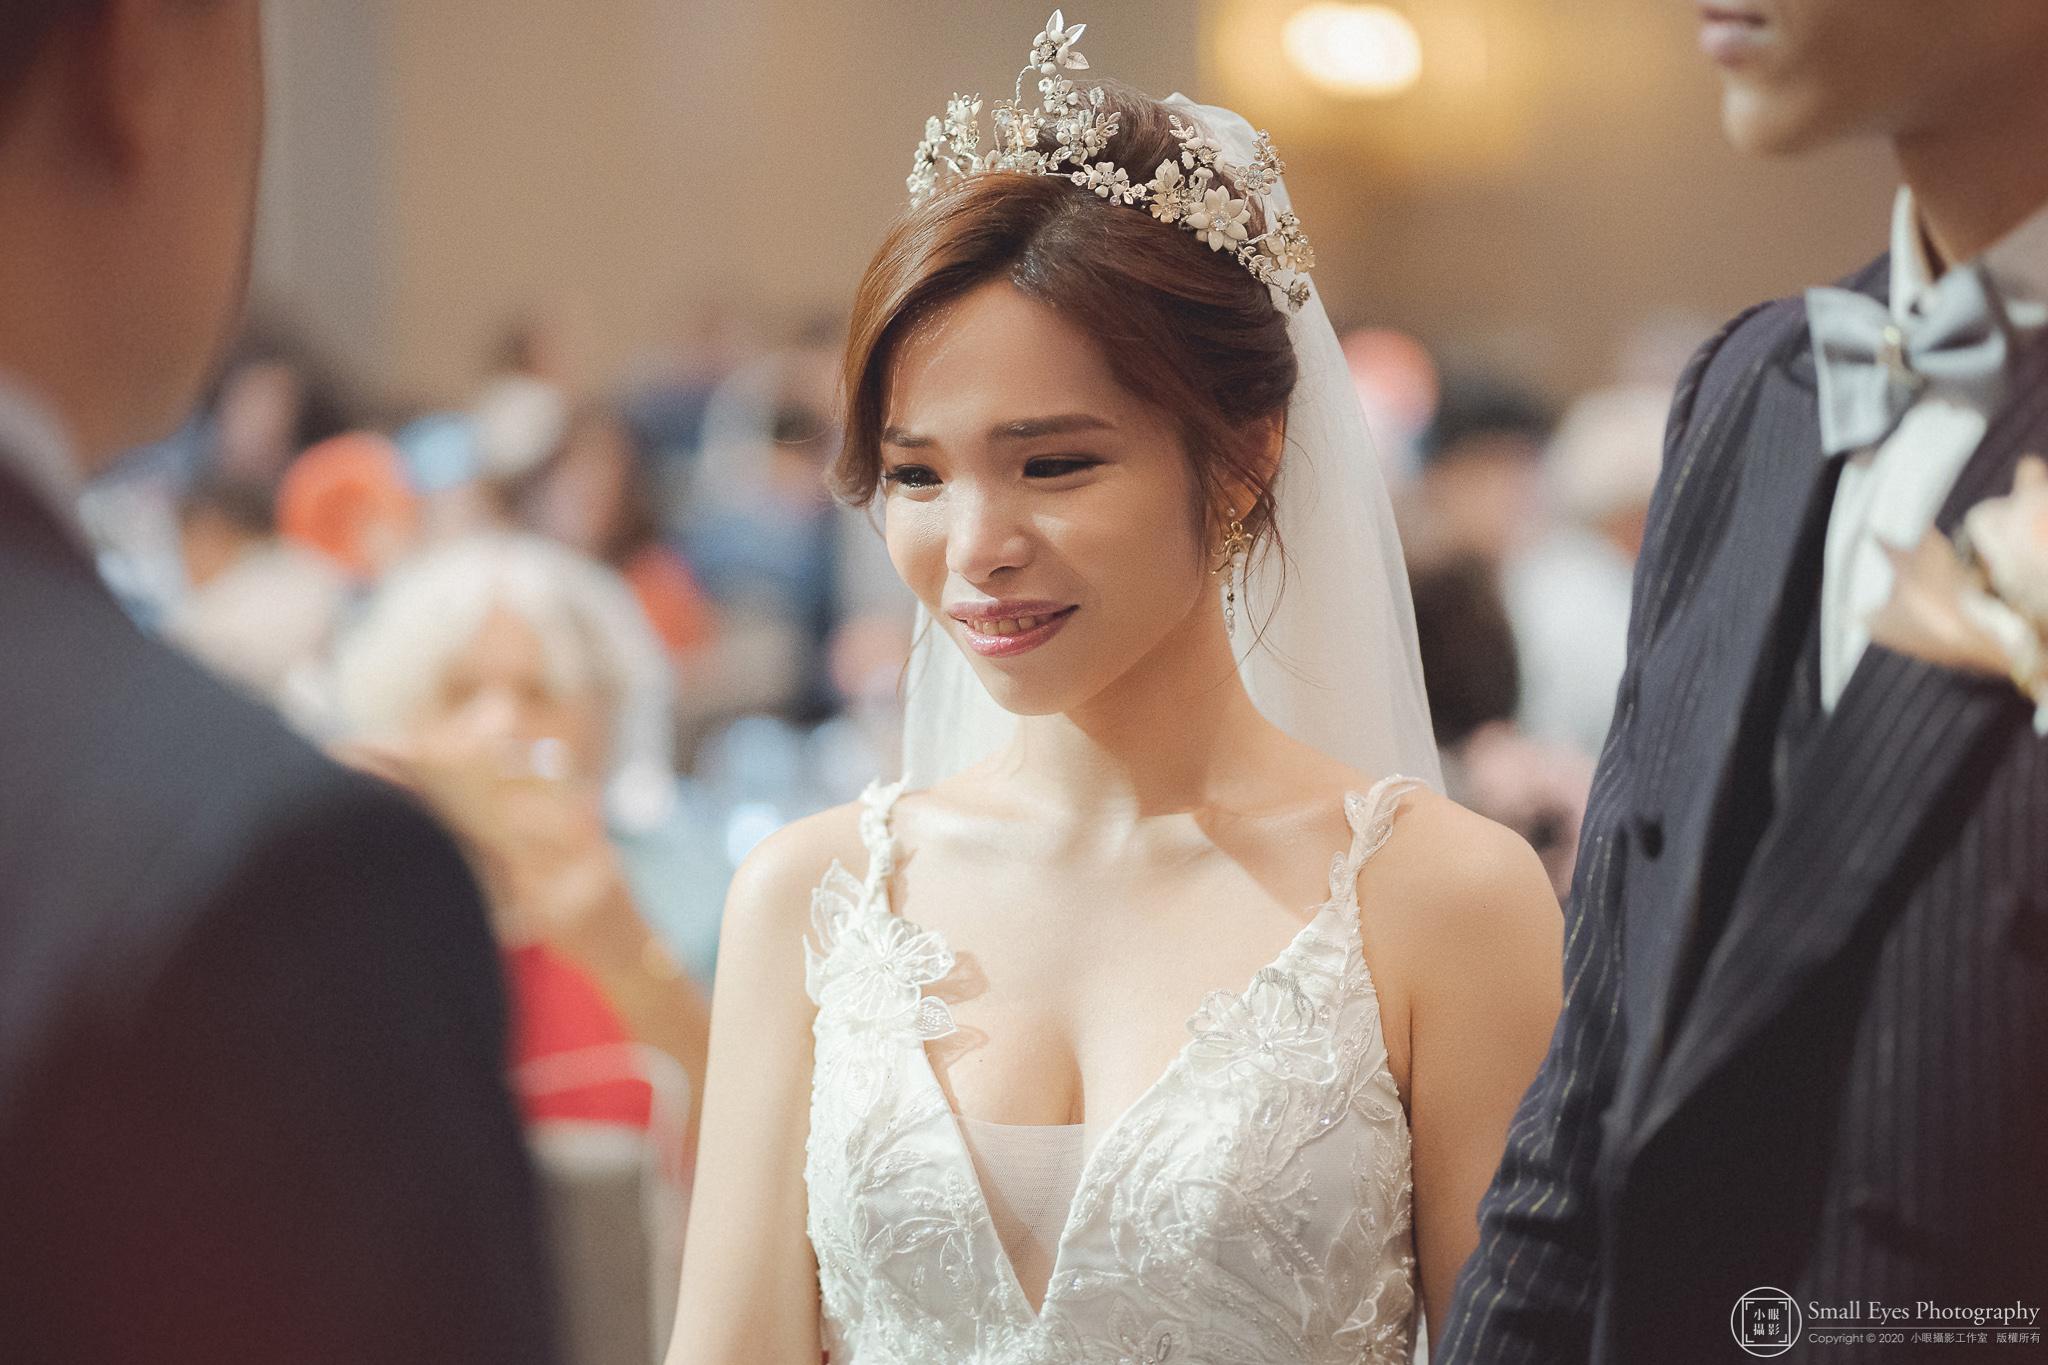 小眼攝影,傅祐承,婚禮攝影,婚攝,婚禮紀實,婚禮紀錄,貳月婚紗,新秘瓜瓜,迎娶,台北,格萊天漾,宴客